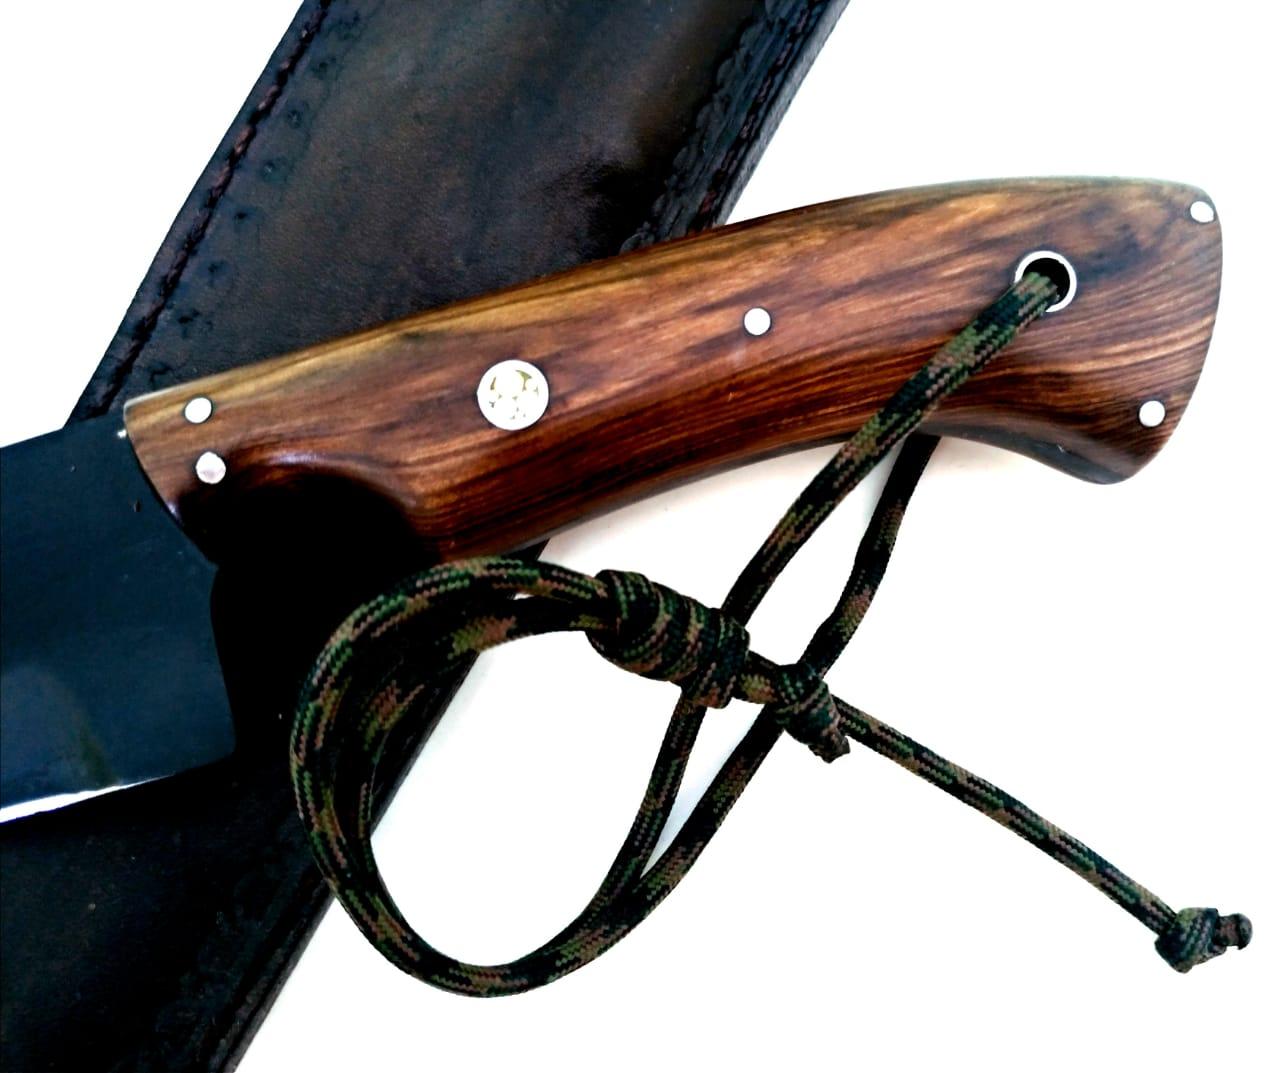 Faca artesanal templo das facas modelo parkah 12 polegadas